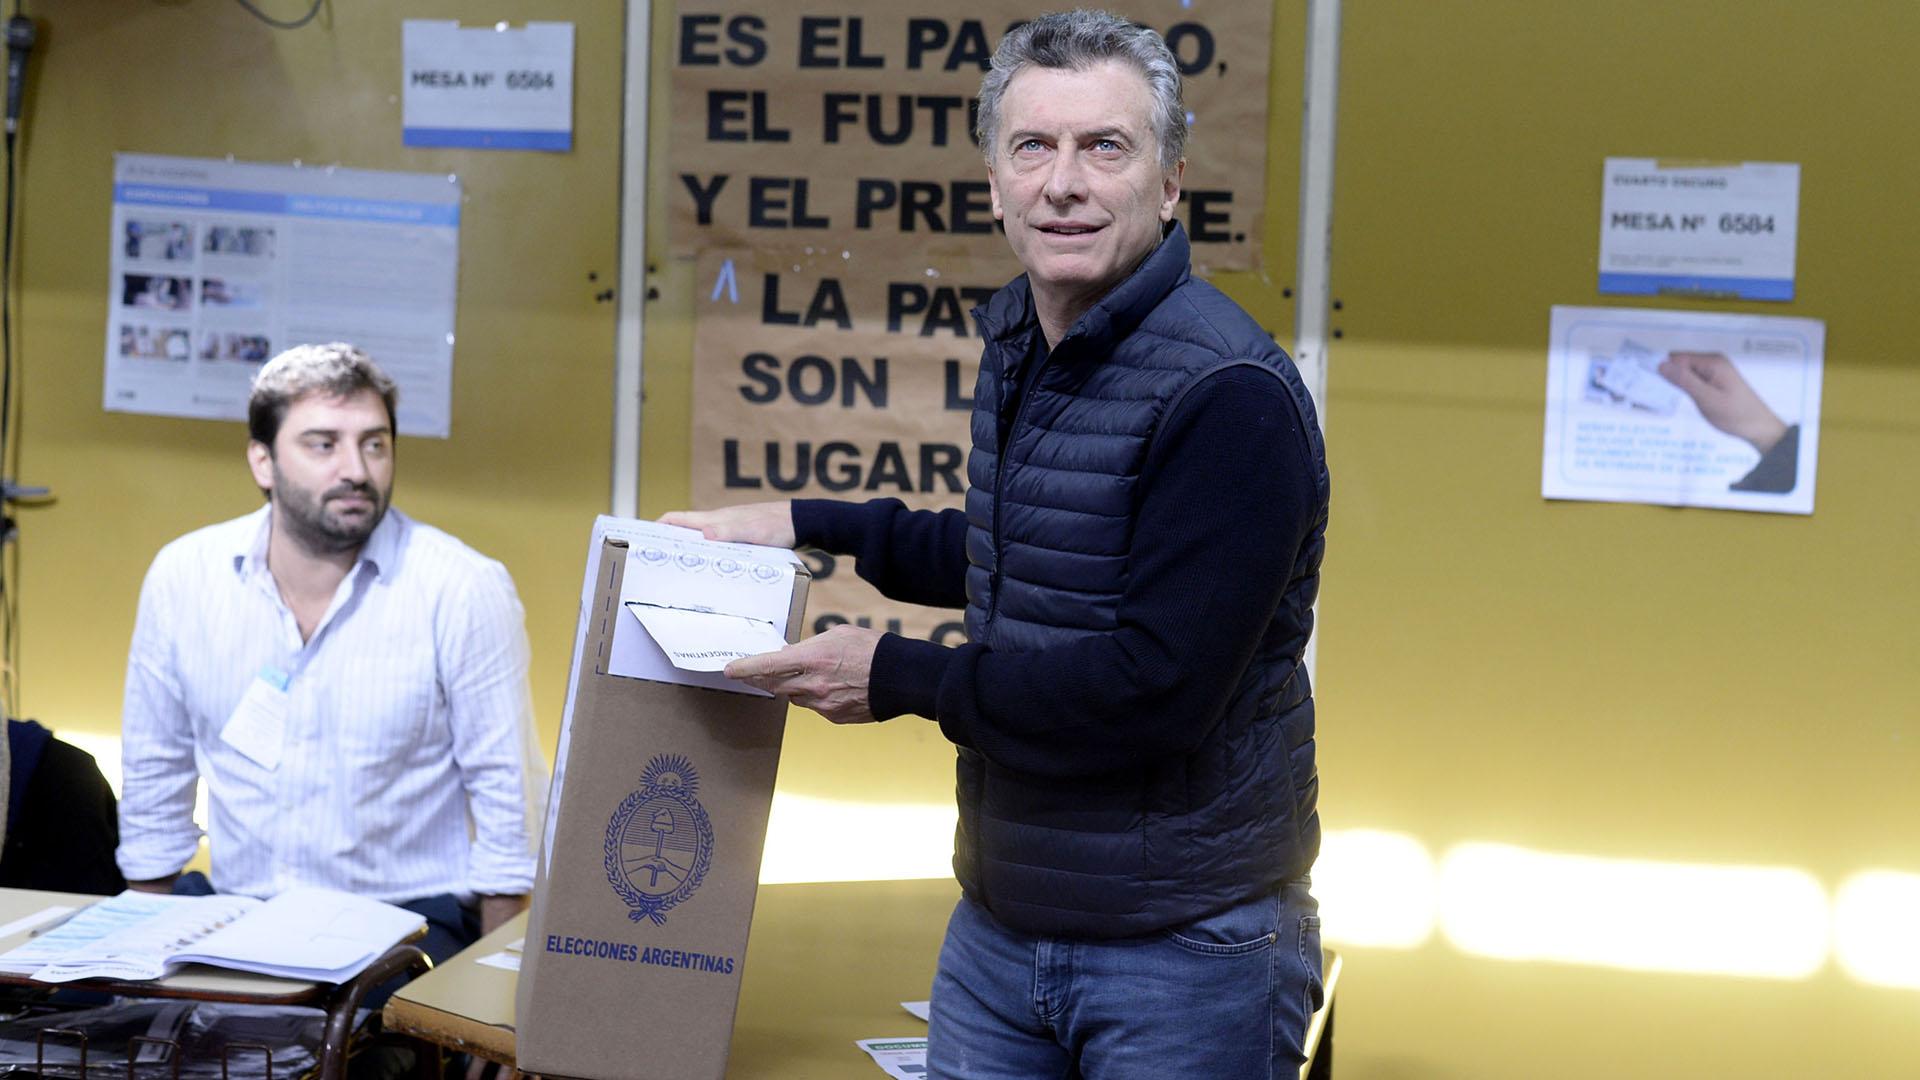 El presidente Mauricio Macri fue a votar con un siguiendo la estética informal juvenil abrigado con chaleco-campera para hacerle frente al frío. Optó por calzado urbano y jeans (DyN)